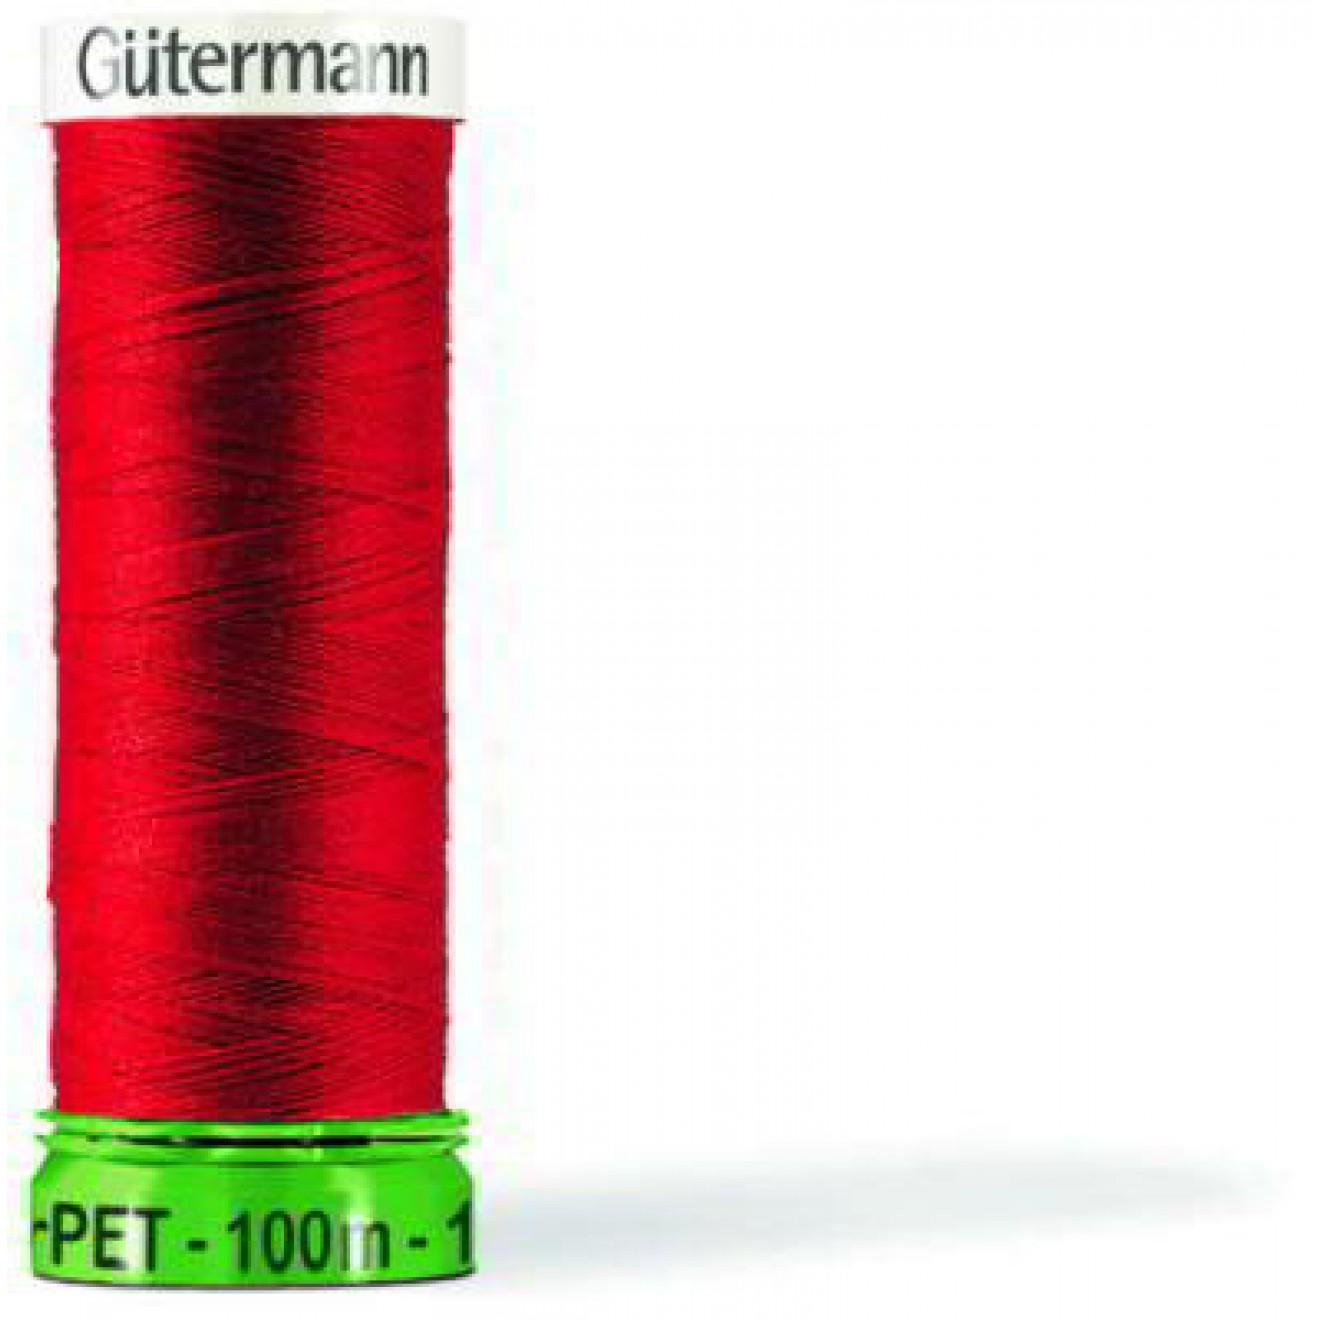 Farbe 0800 30m Knopflochgarn Gütermann Zierstichfaden Nähfaden